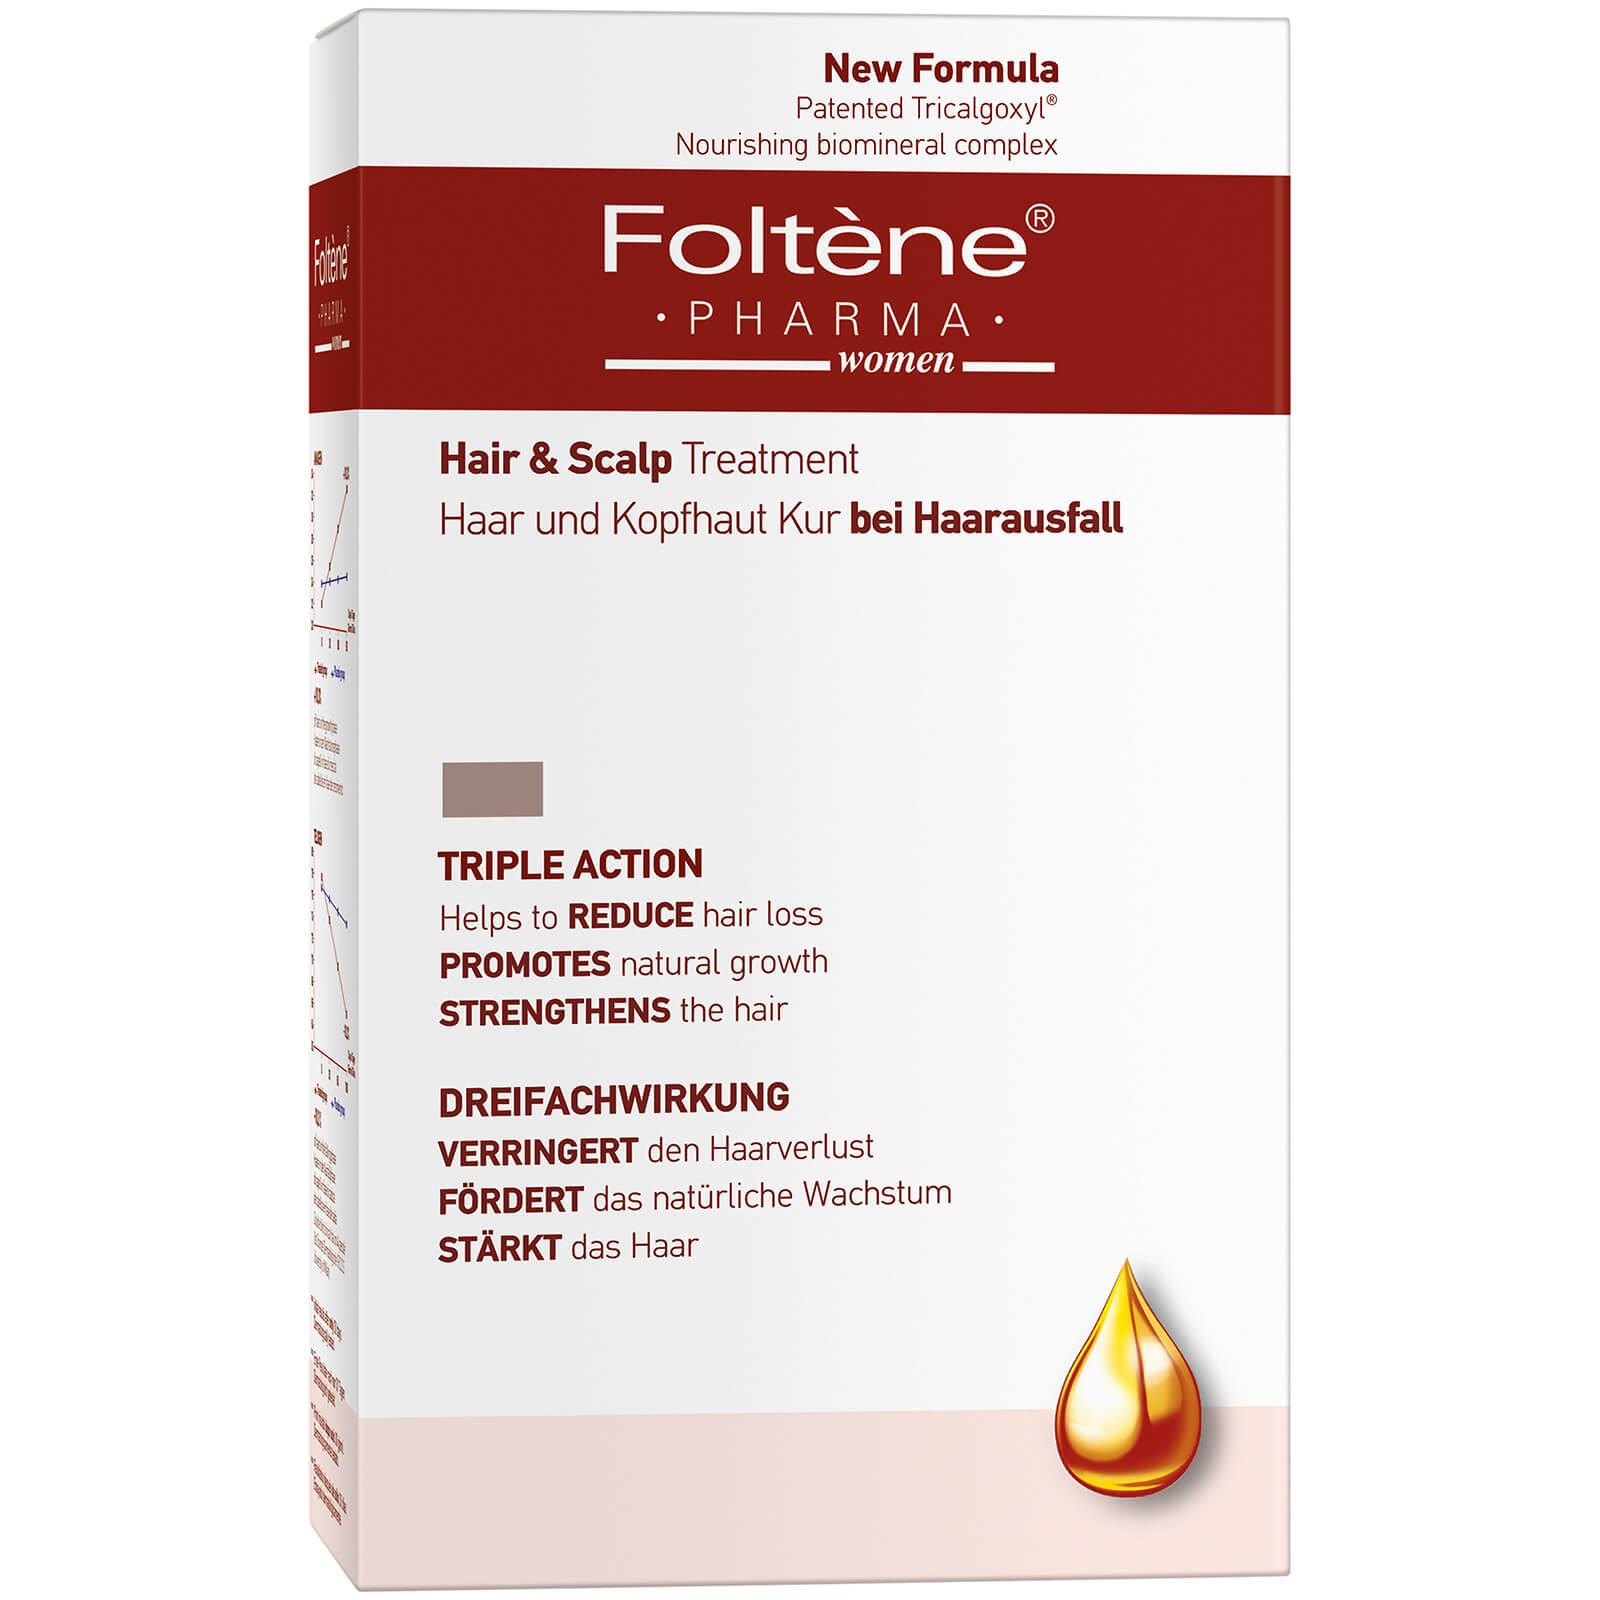 Купить Питательный биоминеральный комплекс для укрепления волос и кожи головы Foltène WoMen's Hair and Scalp Treatment 100мл